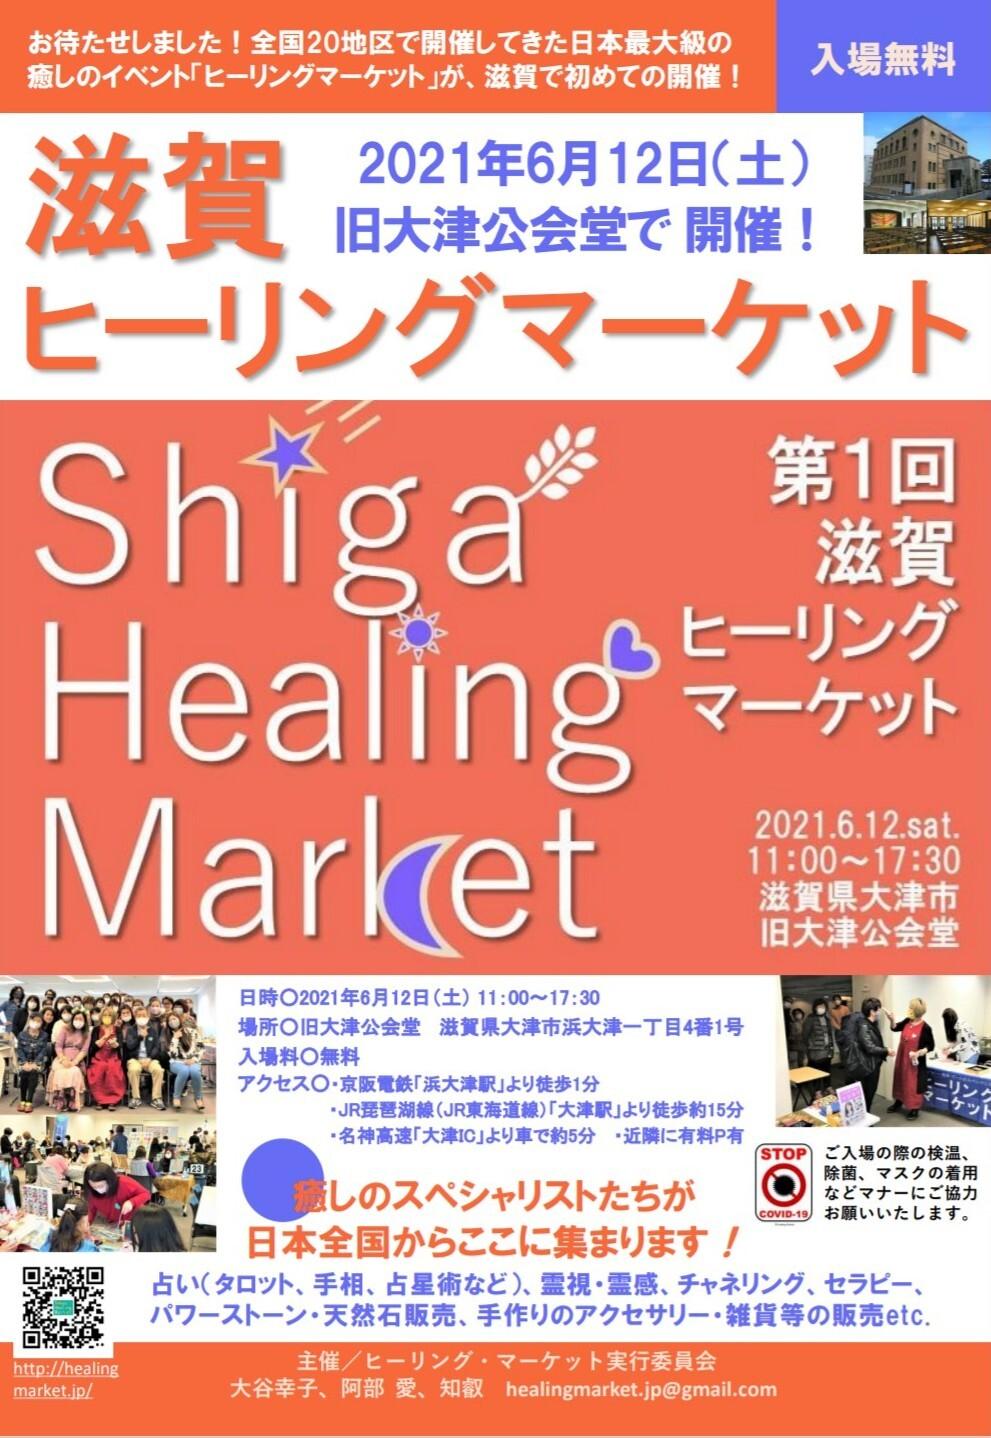 滋賀ヒーリングマーケット